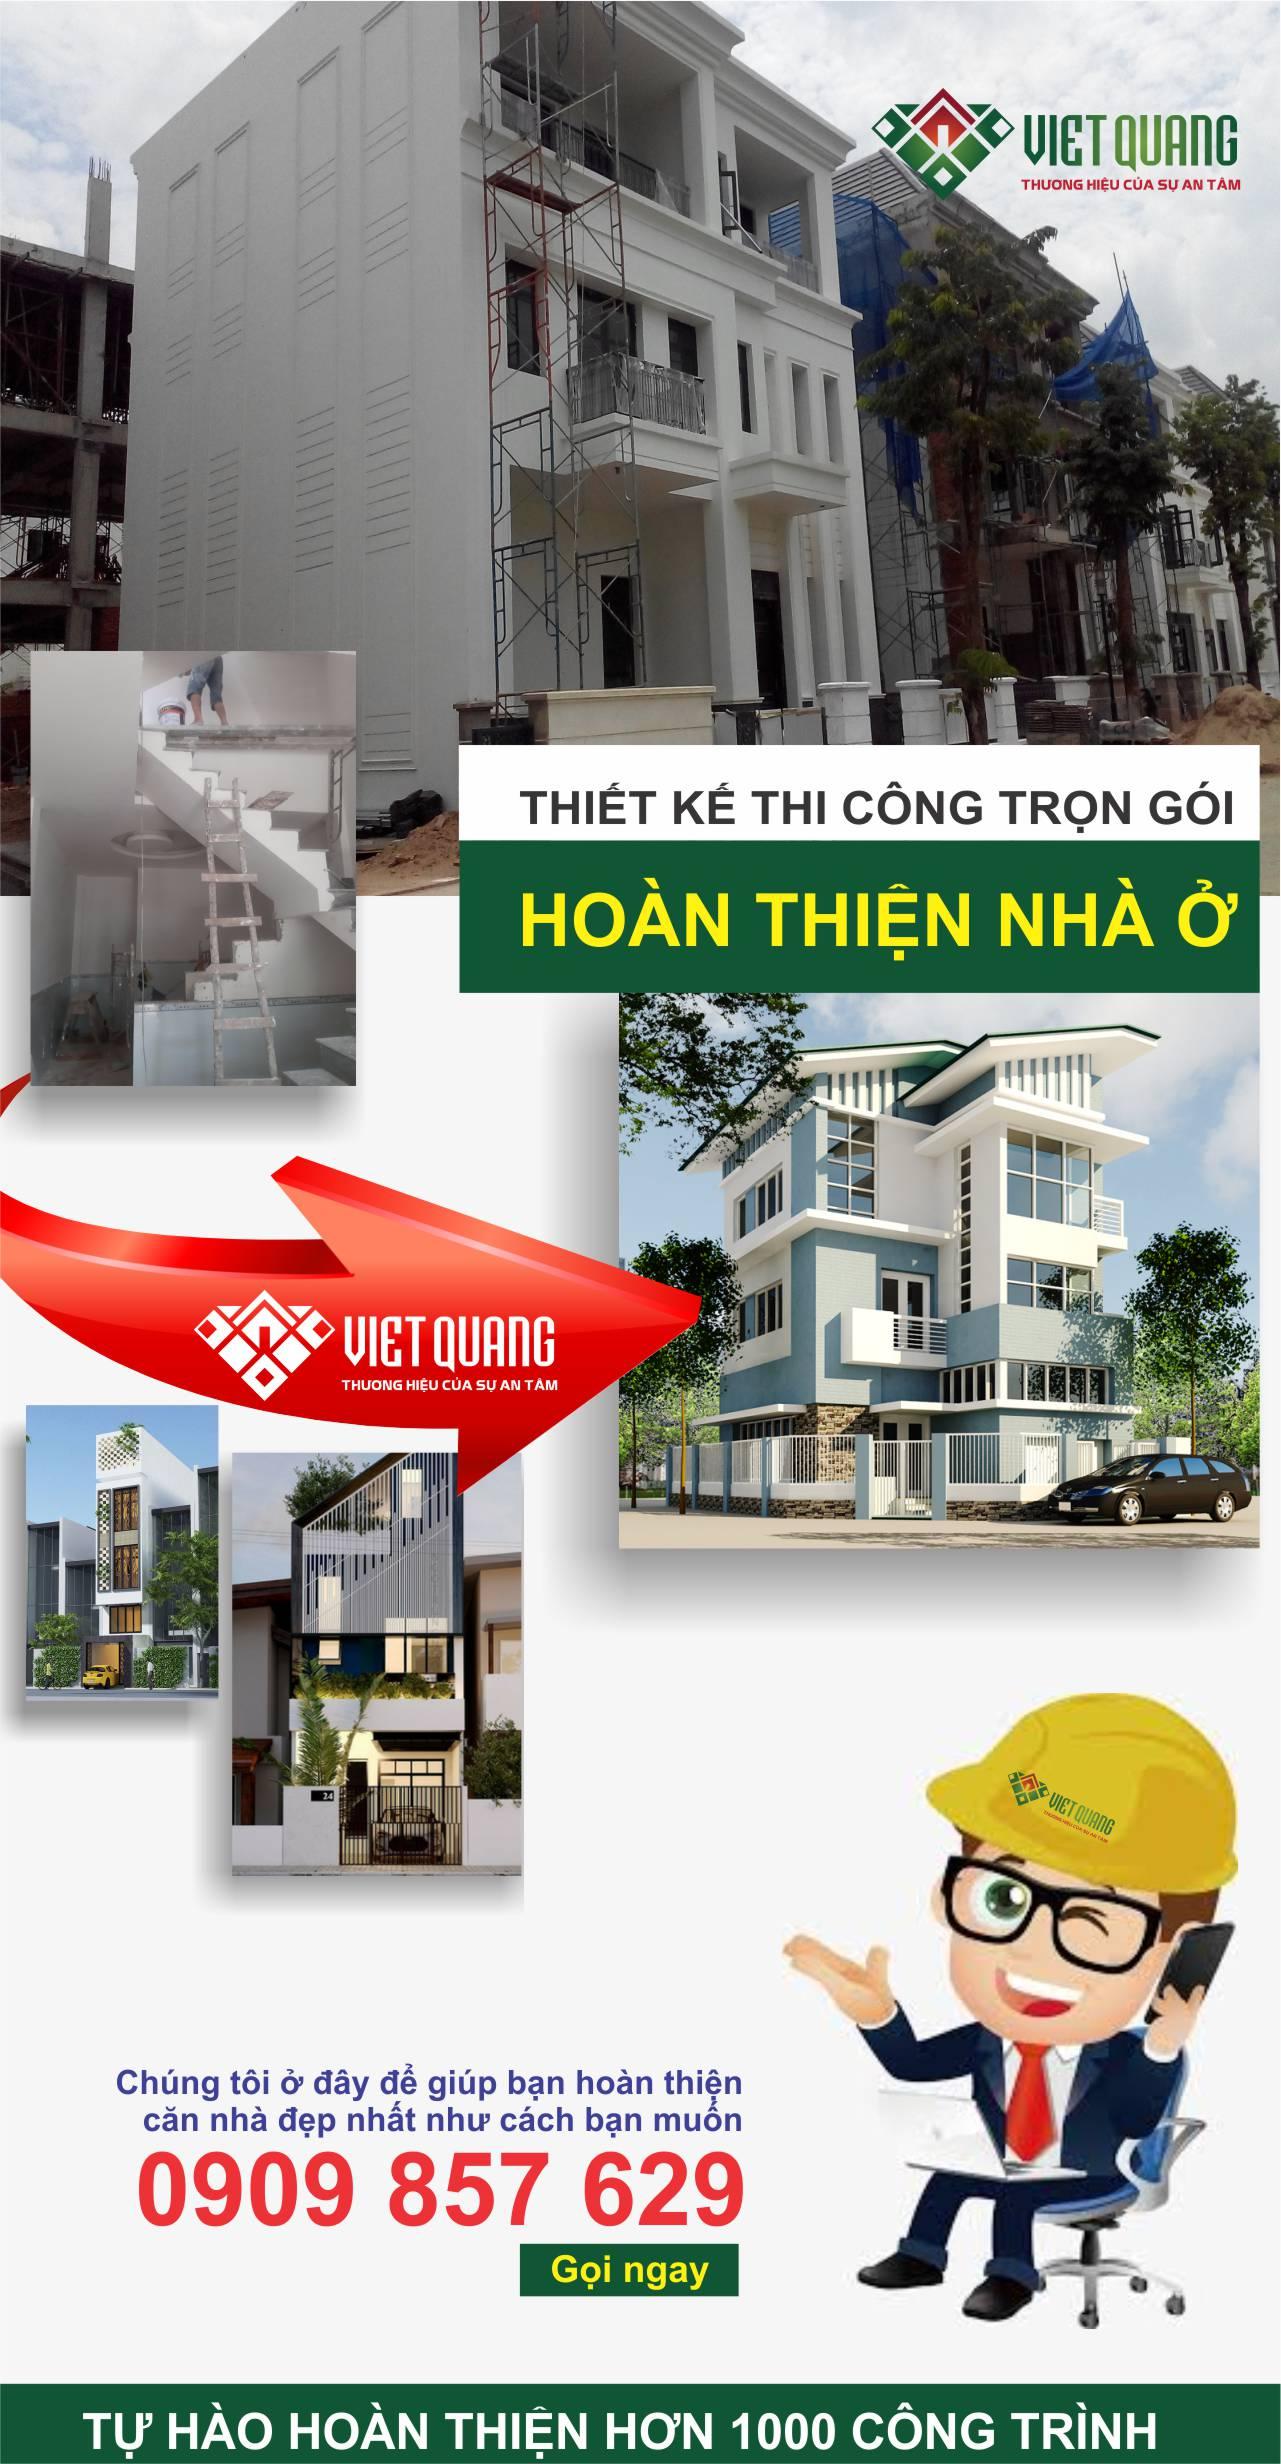 Bảng báo giá hoàn thiện nhà ở đã xây dựng thô- Việt Quang Group